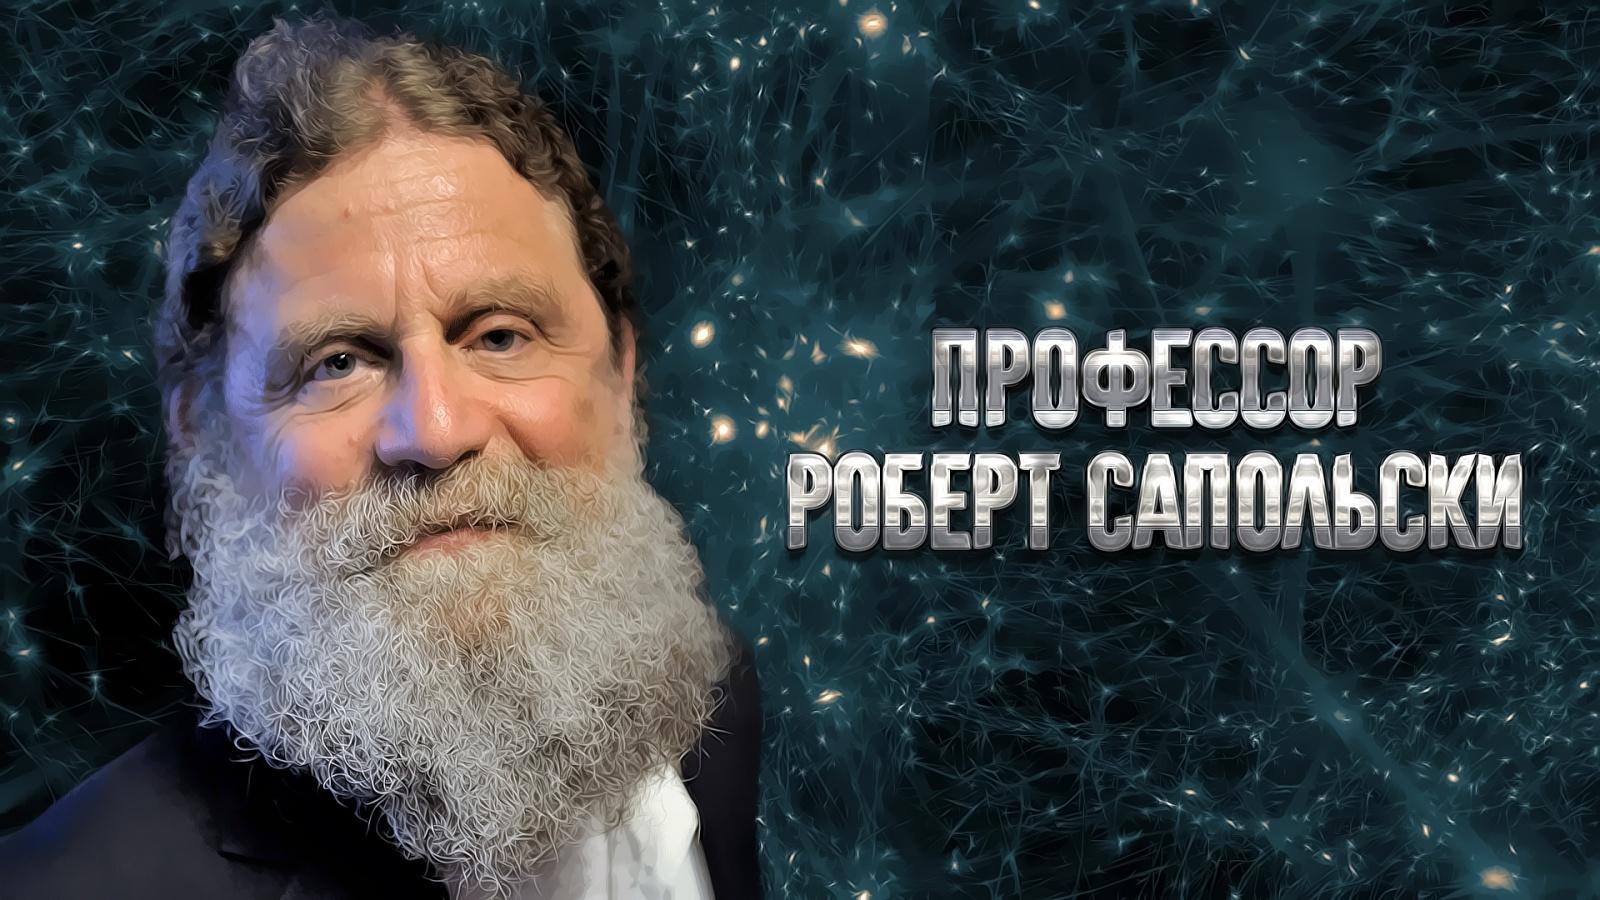 Интервью с Робертом Сапольски - 1